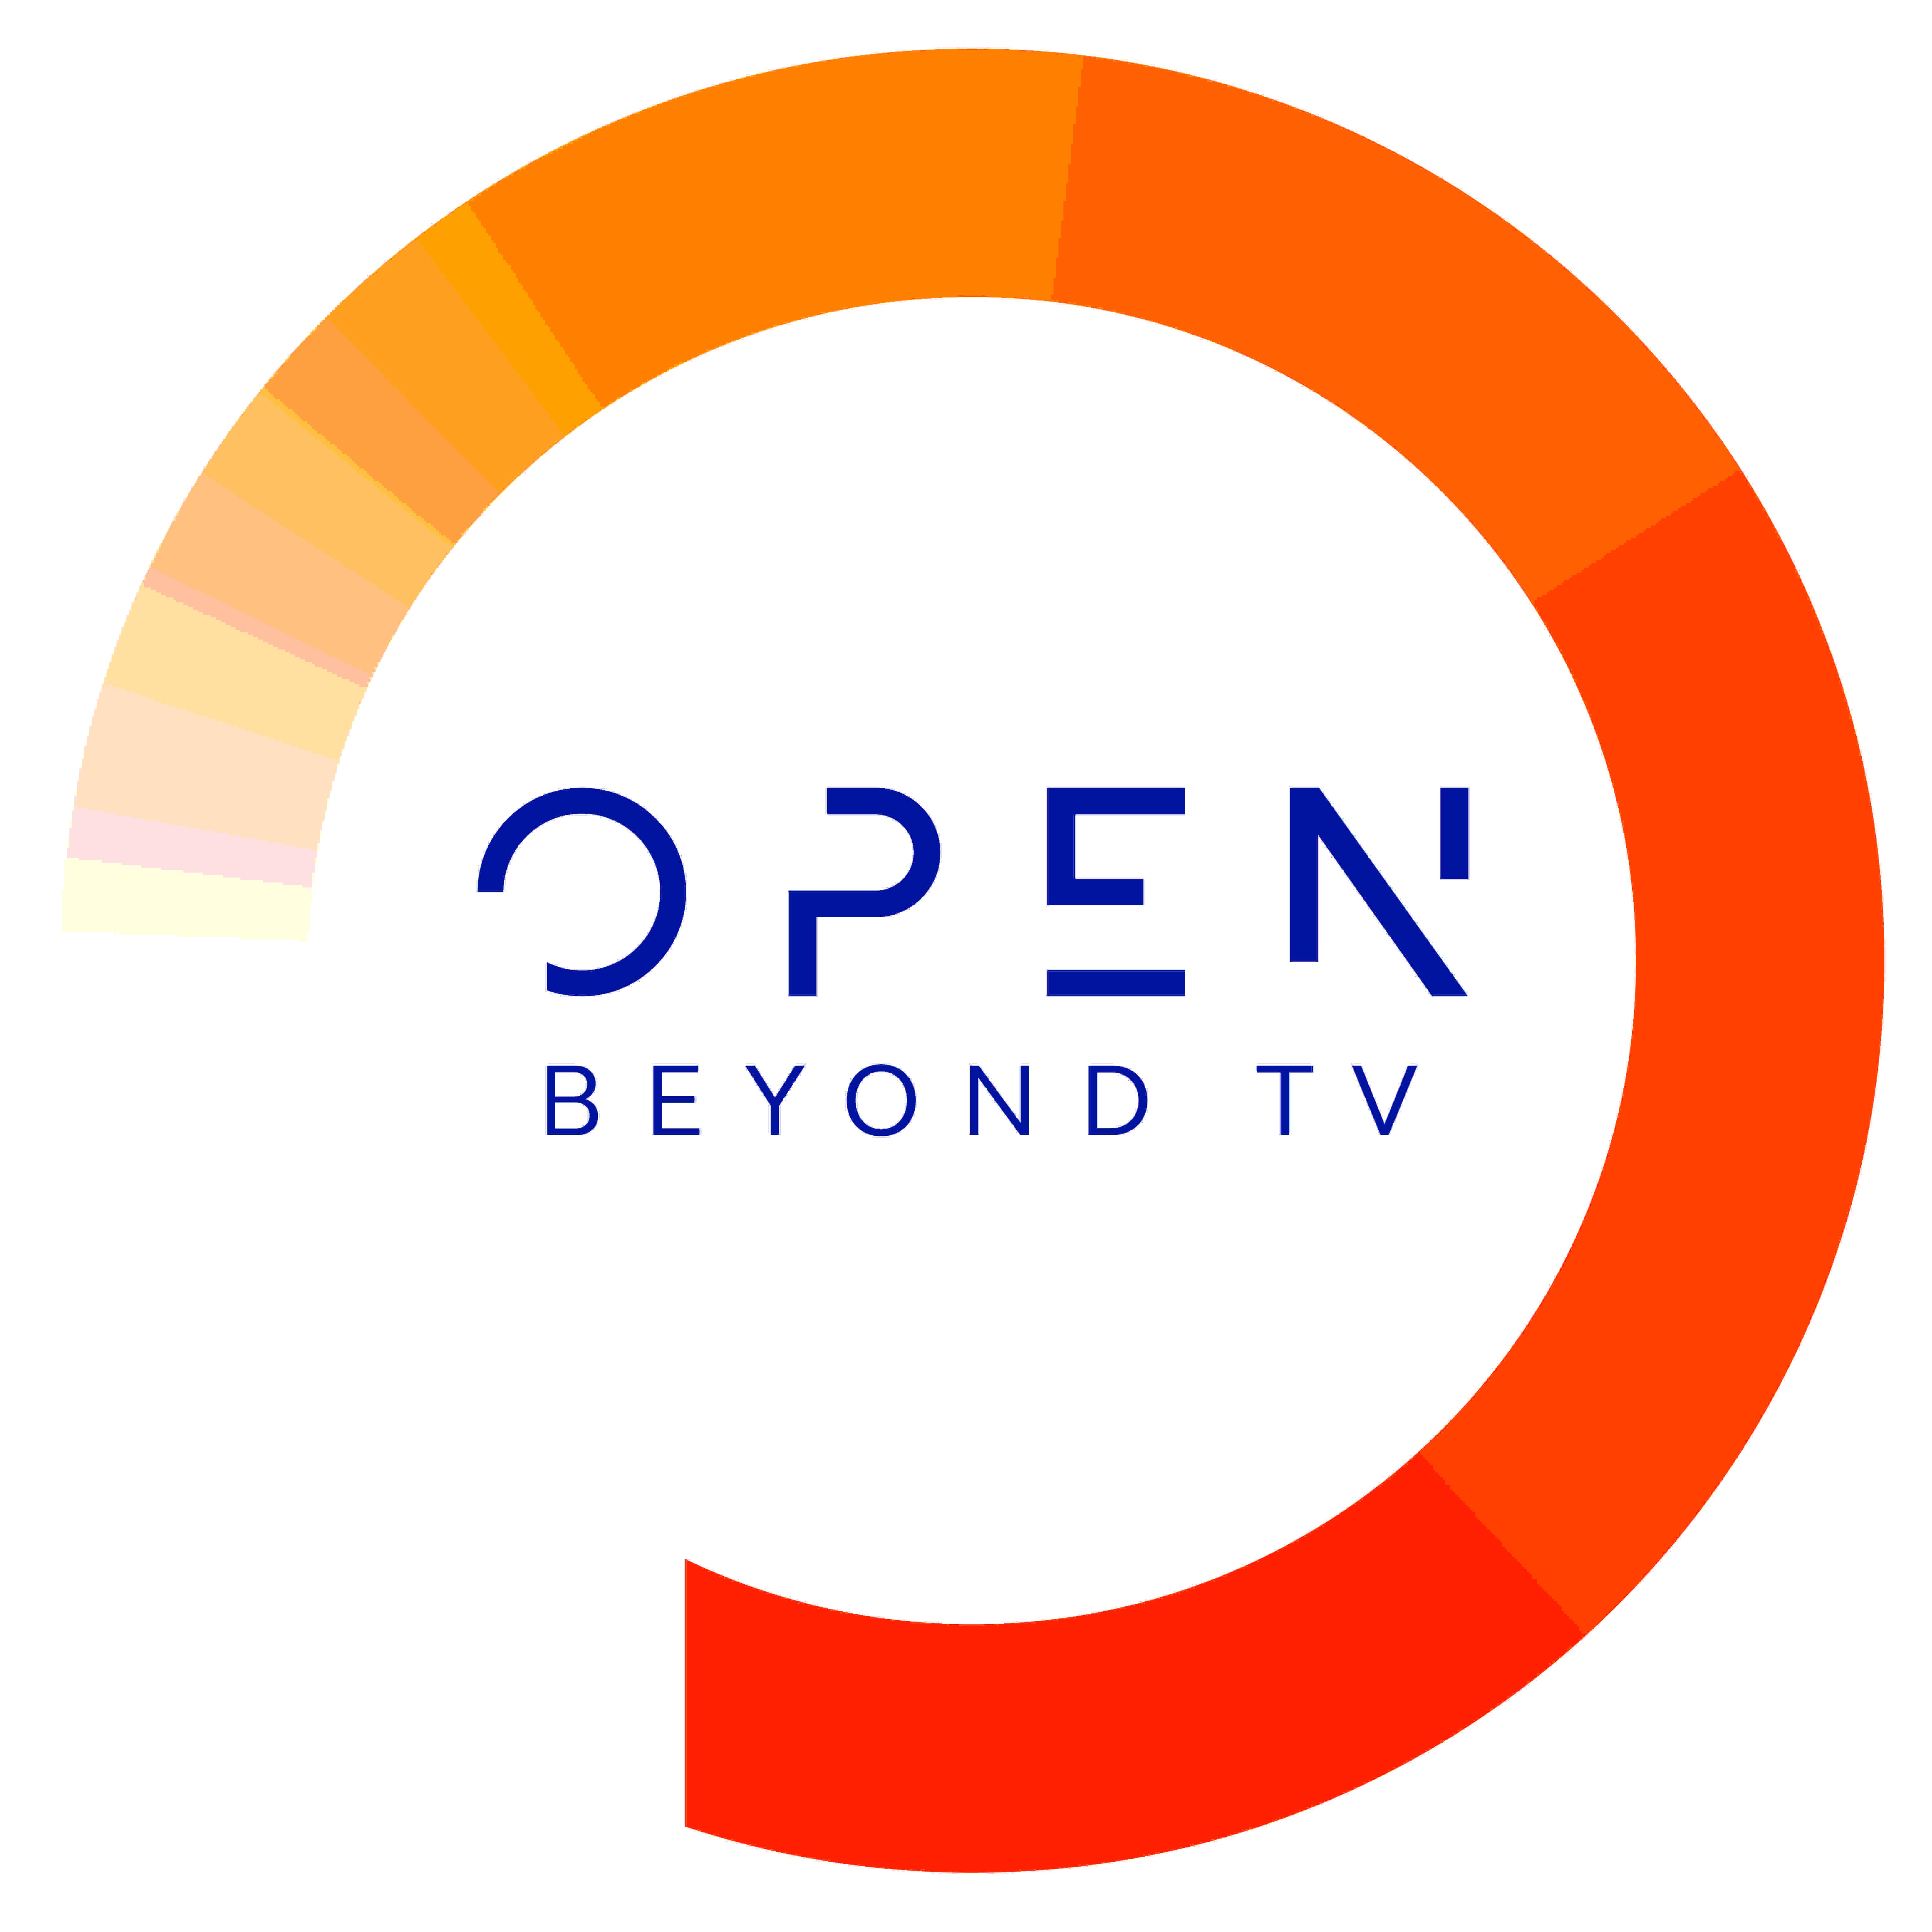 Στην Υβριδική TV και το Open